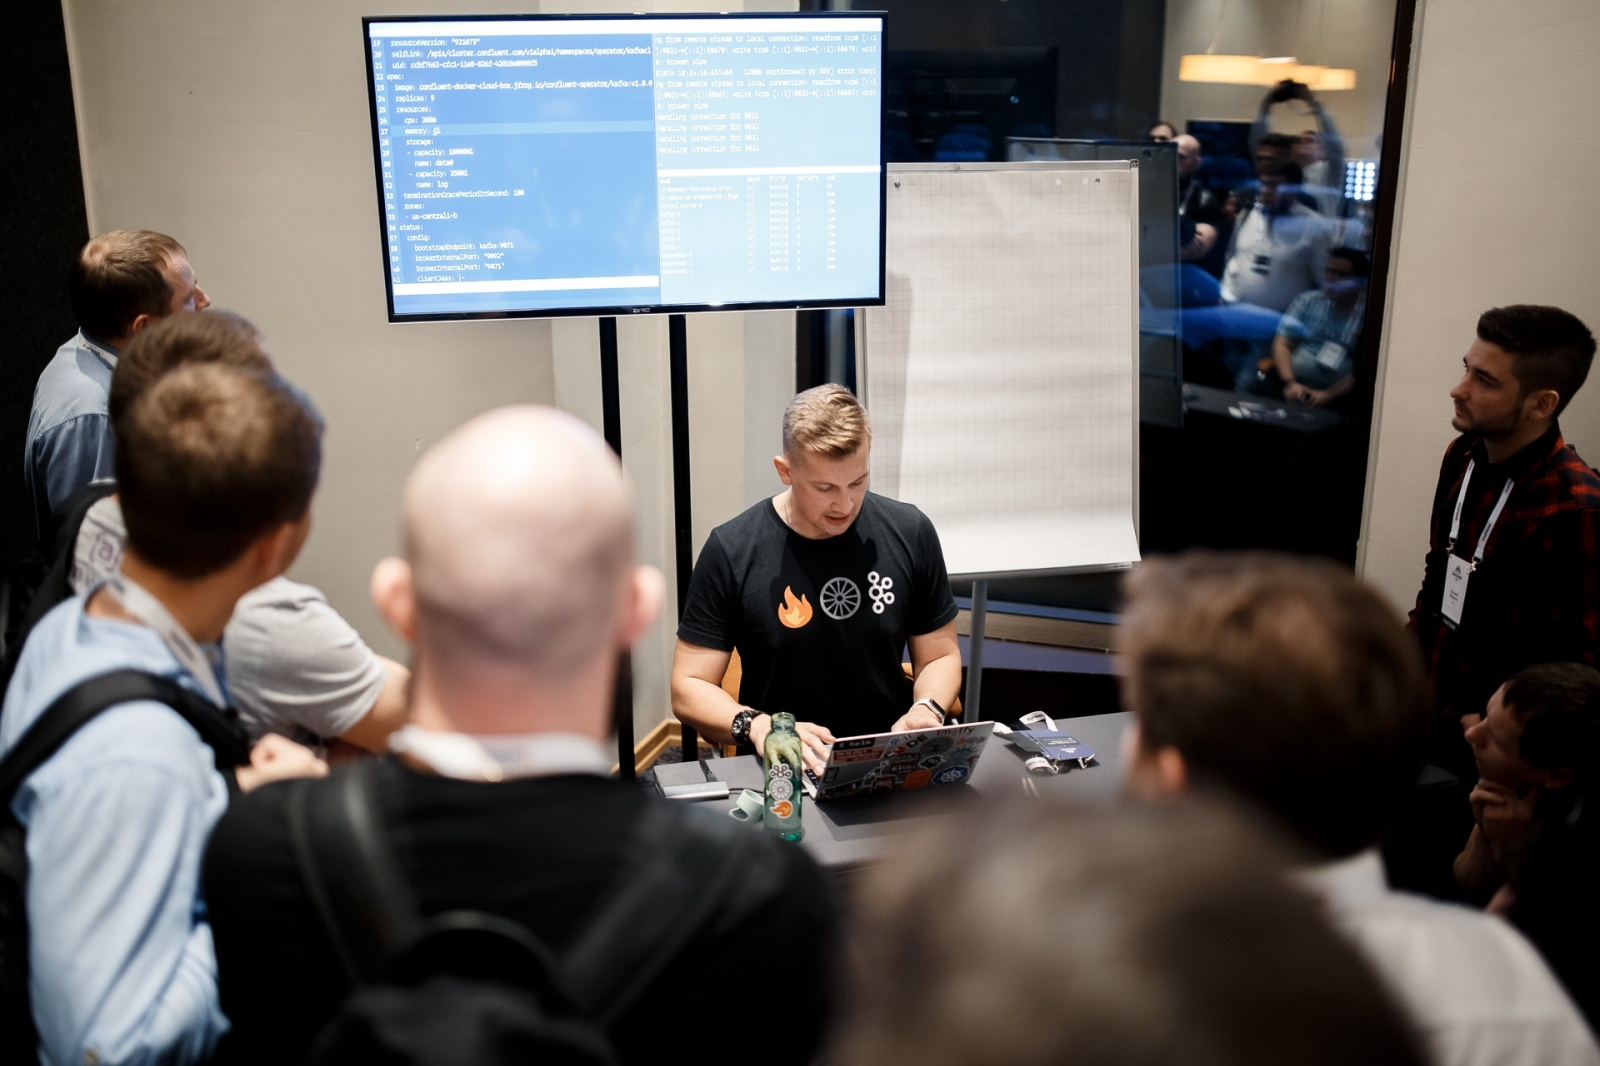 Бесплатная трансляция DevOops 2019 и C++ Russia 2019 Piter - 4